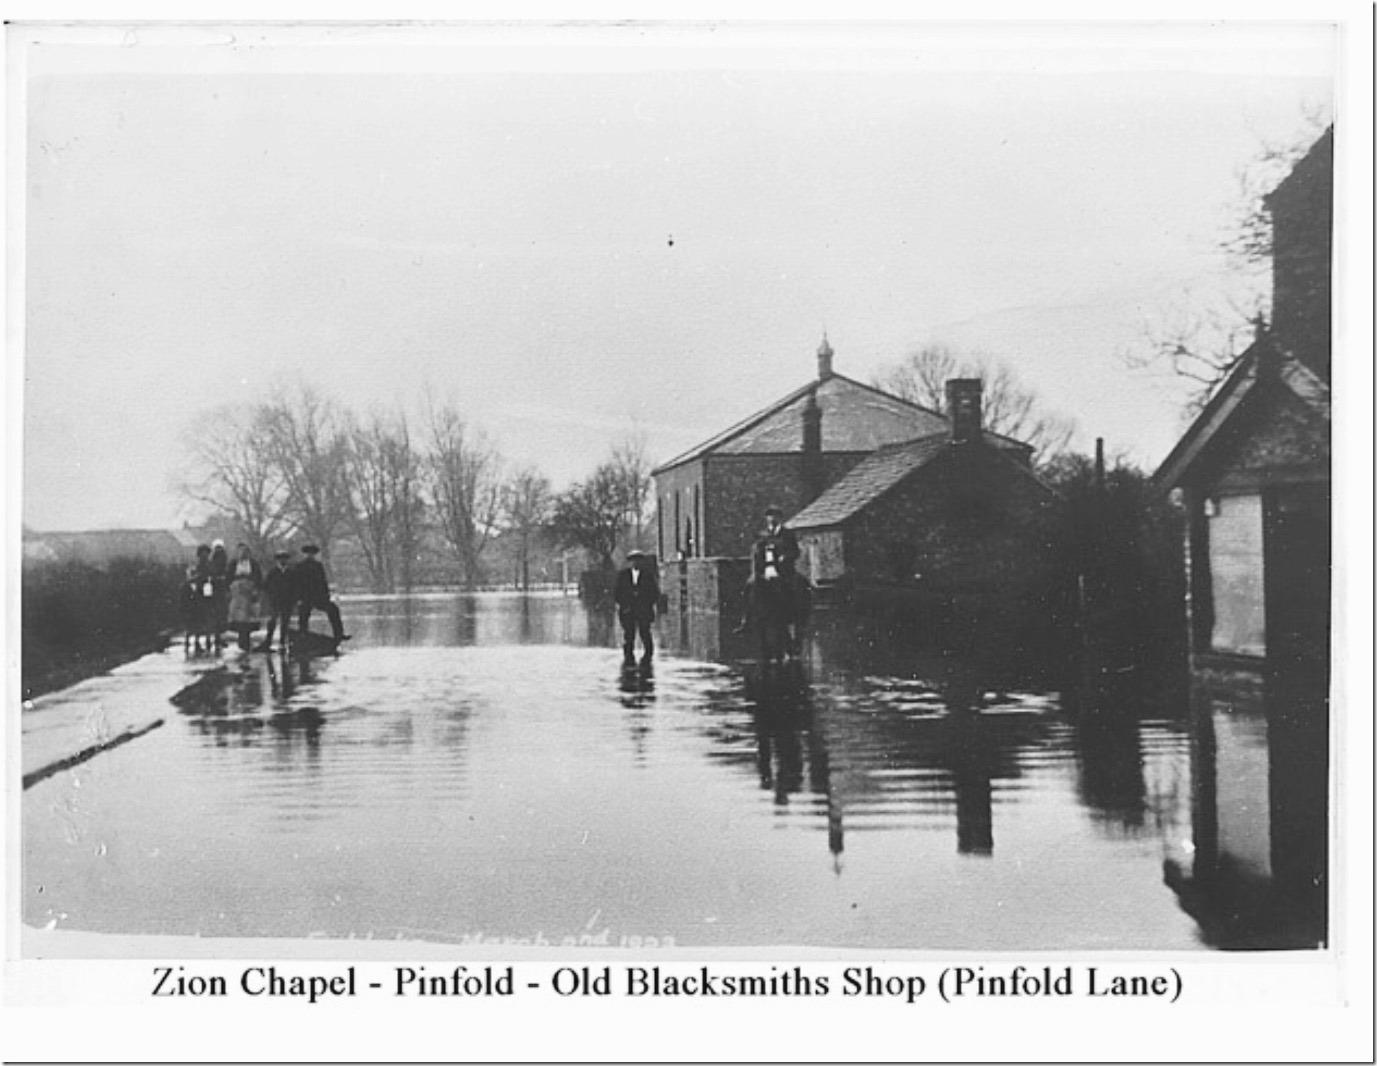 Pinfold-Lane-in-1923-flood